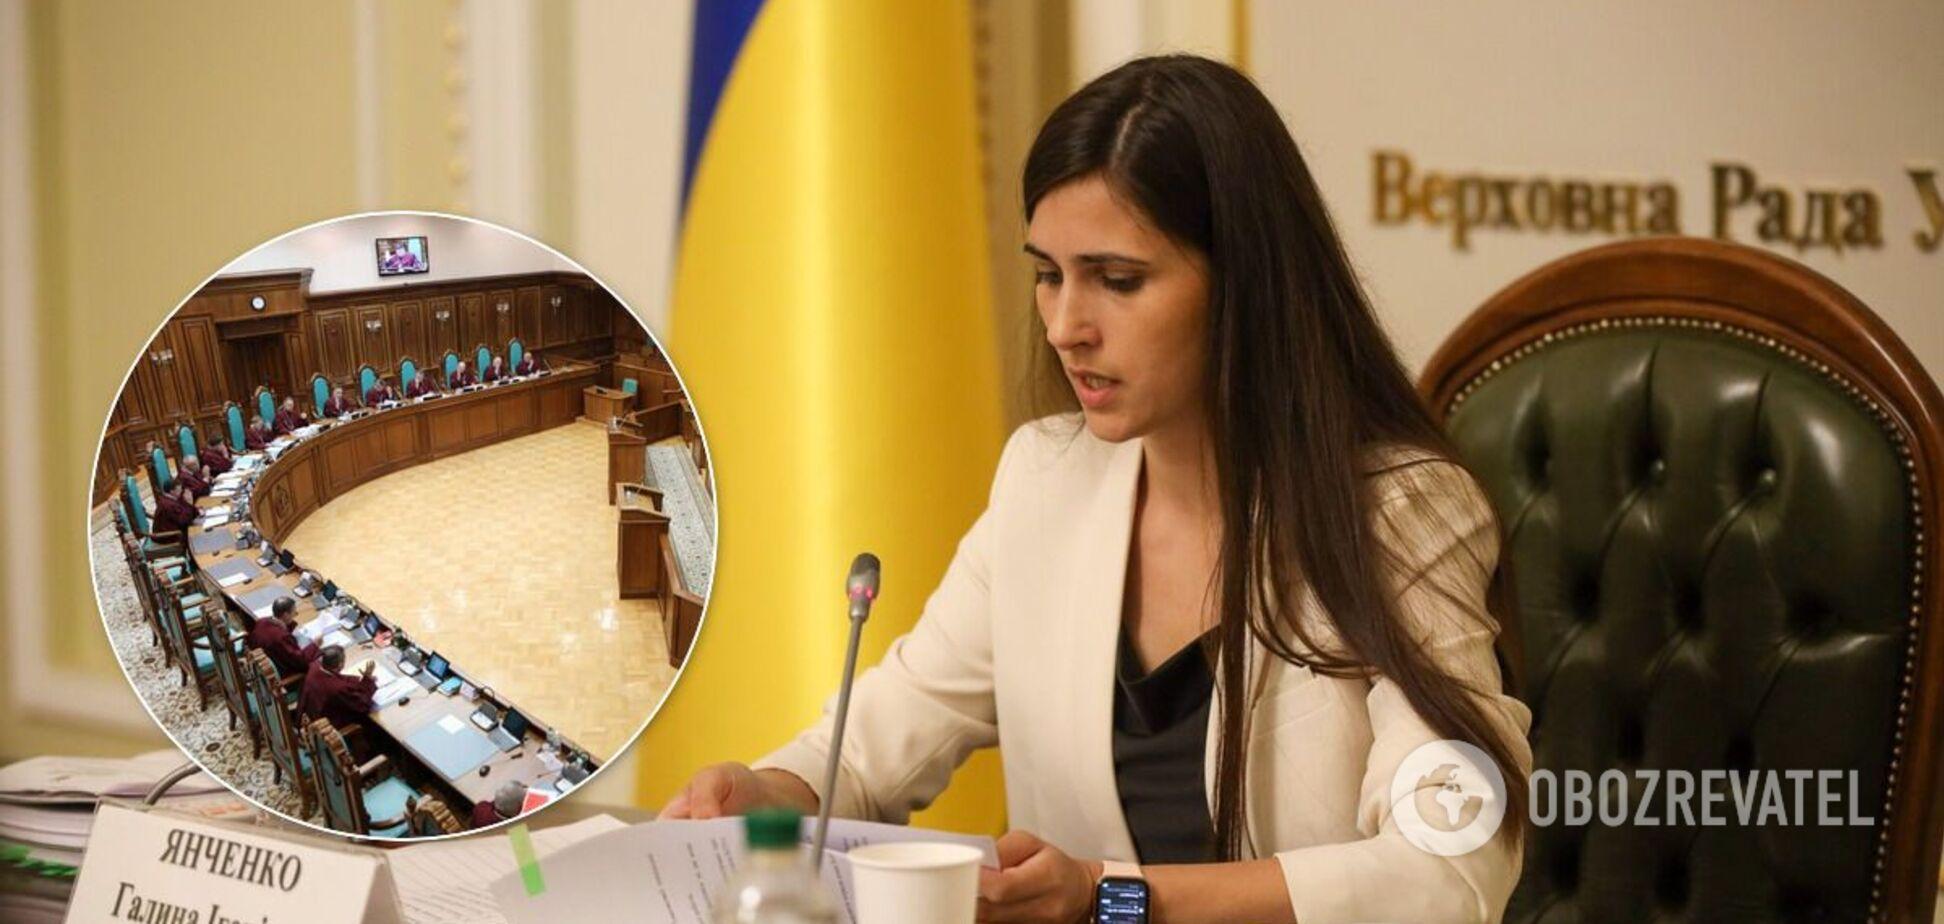 'Слуга народа' внесла в Раду законопроект о лишении КСУ финансирования